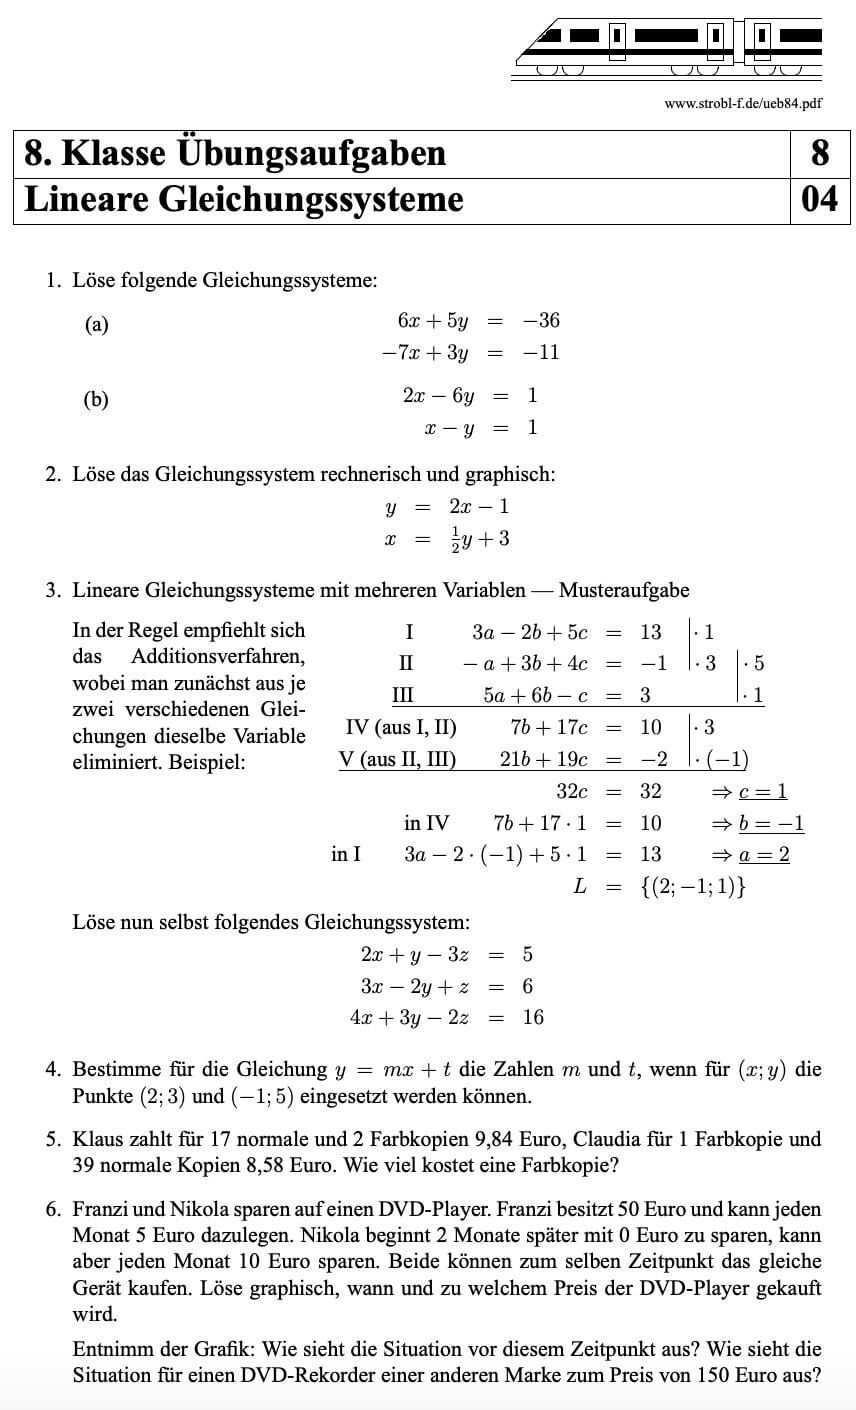 Lineare Gleichungssysteme Aufgaben Mit Losungen Pdf Download Gleichungssysteme Gleichung Mathe Formeln